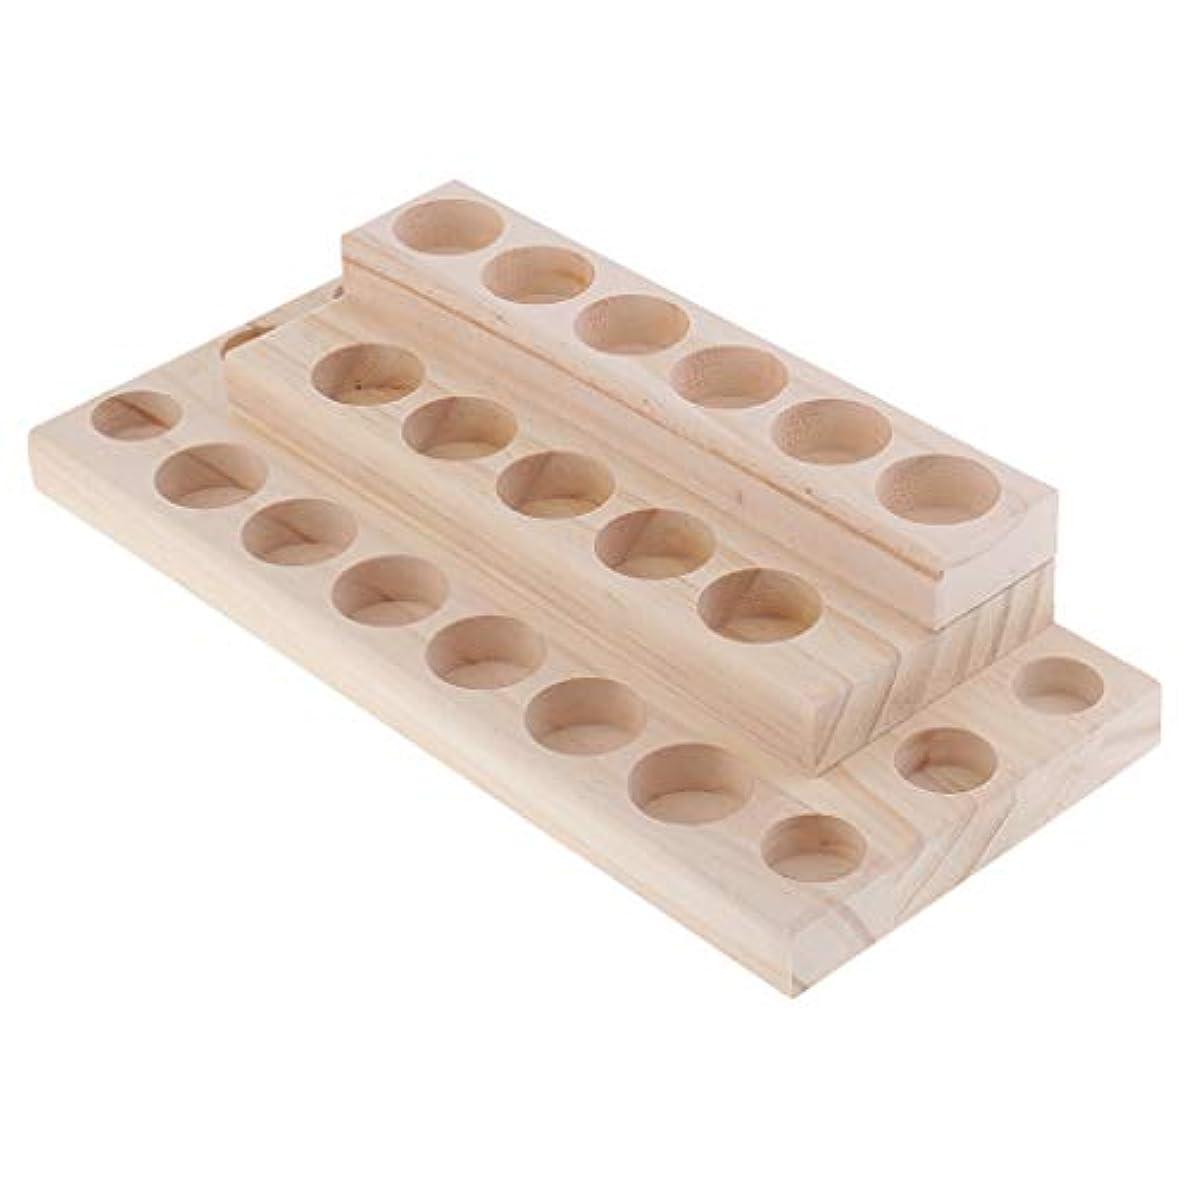 ではごきげんよう下位きしむD DOLITY 木製 エッセンシャルオイル 展示ラック 精油 オルガナイザー 陳列台 収納ツール 3層